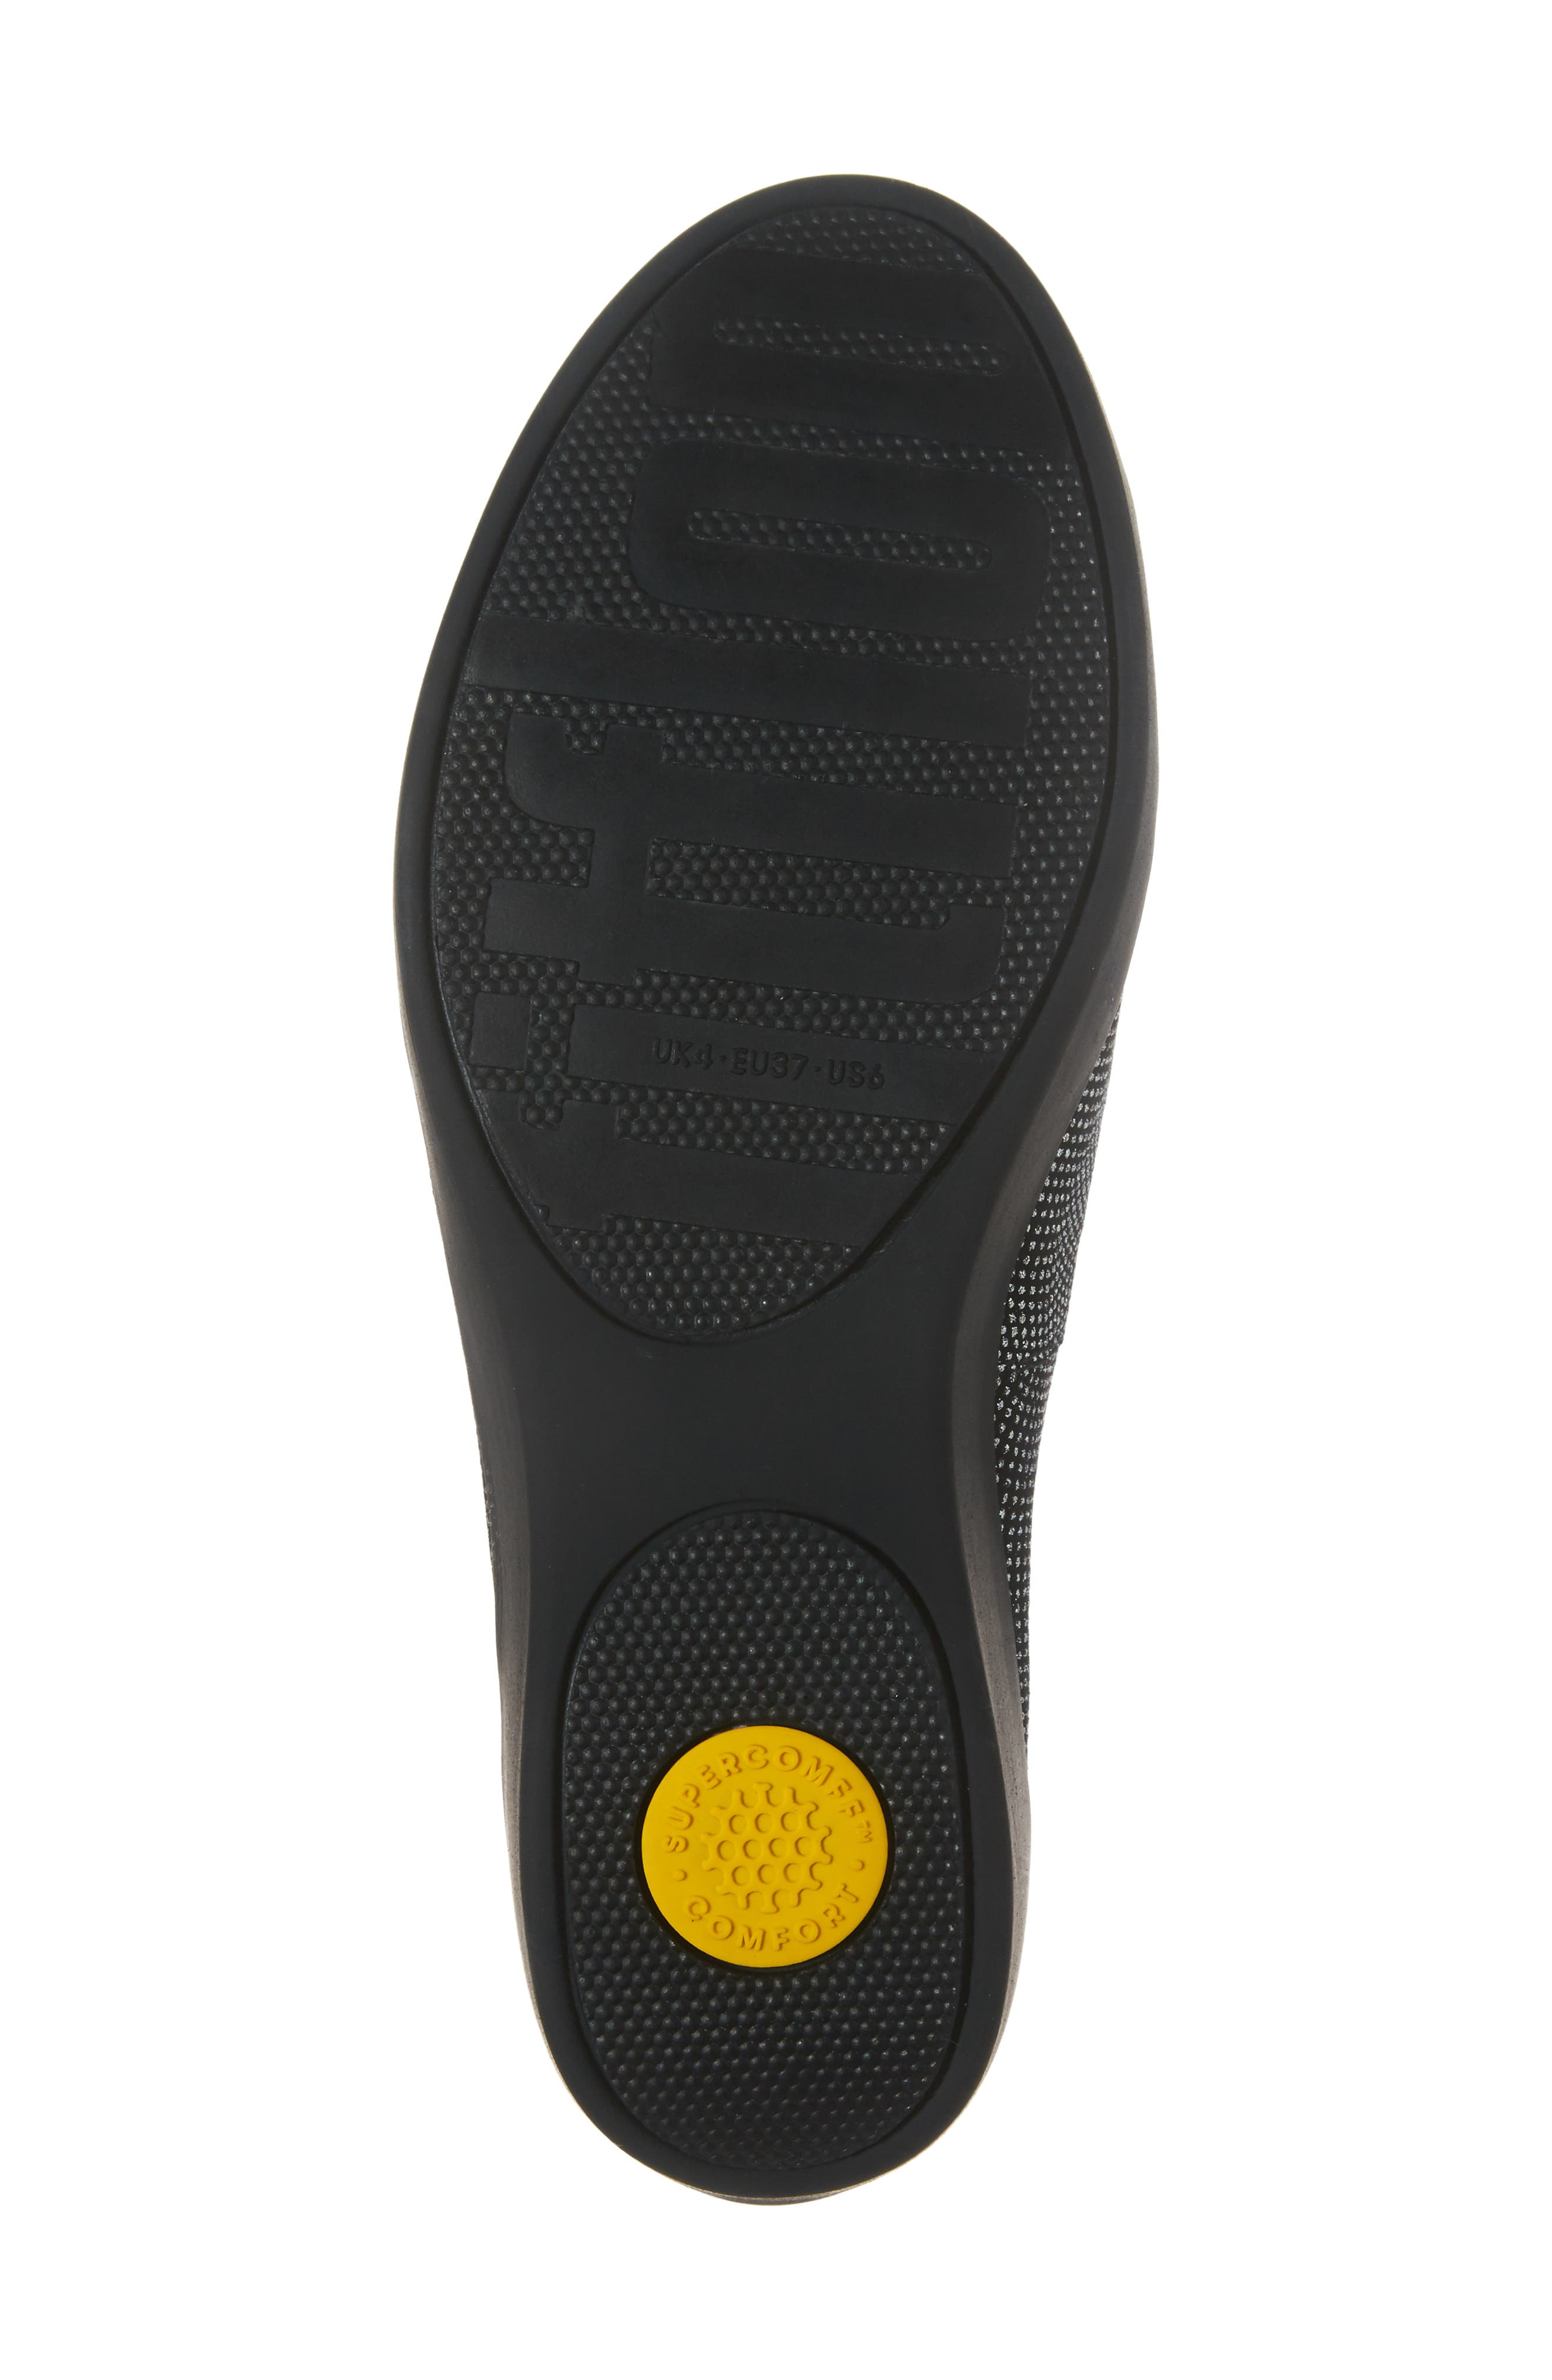 Superskate Glitter Dot Slip-On Sneaker,                             Alternate thumbnail 6, color,                             Black Glimmer Suede